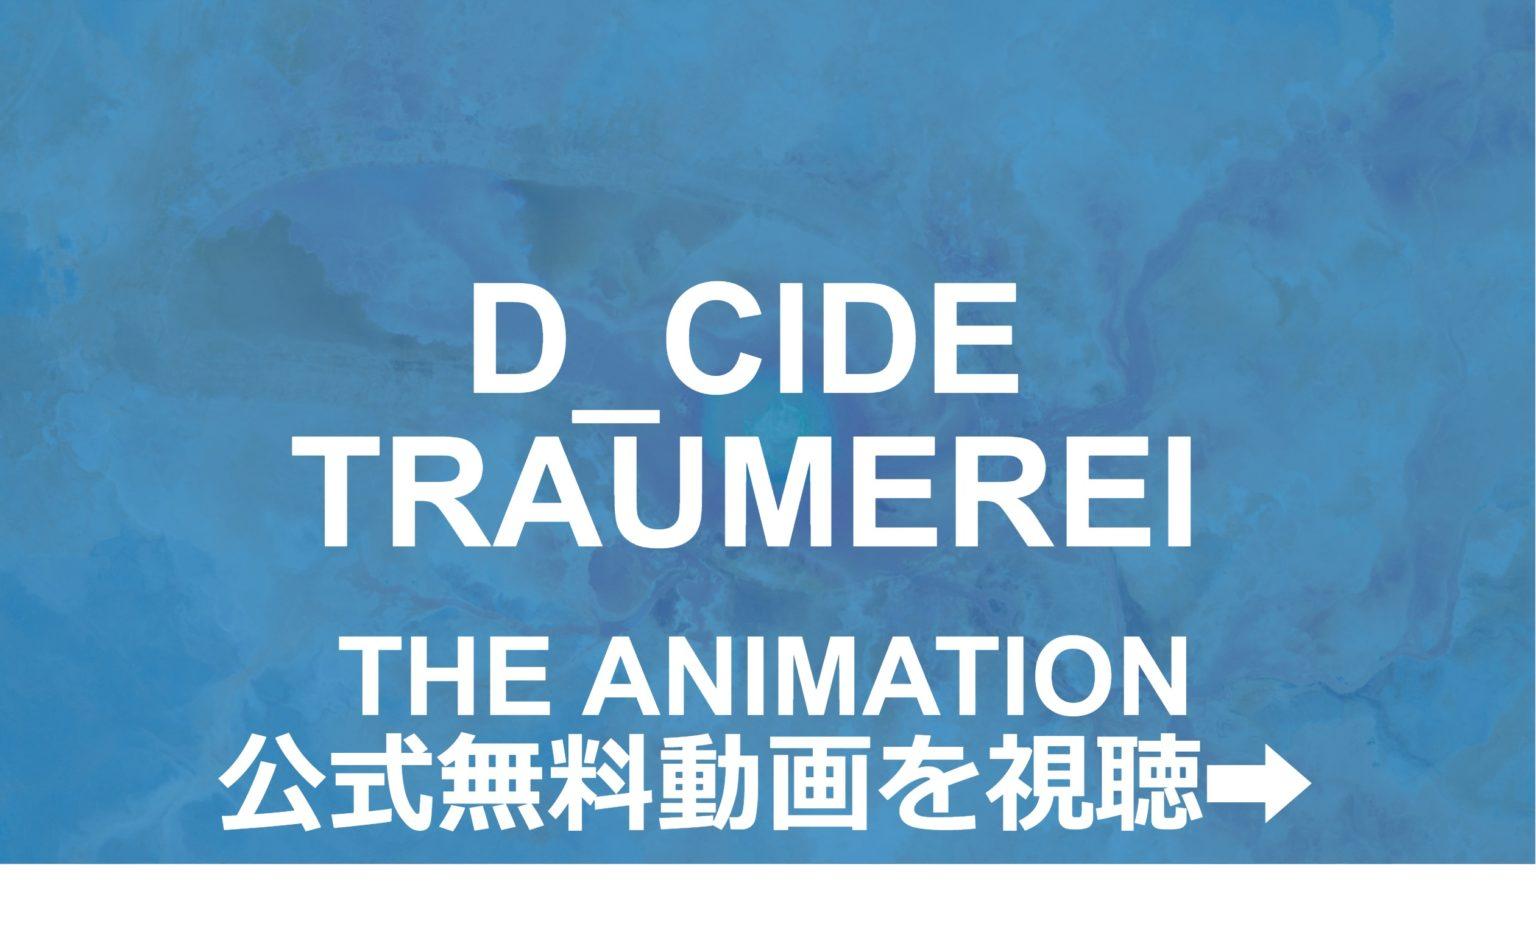 アニメ「D_CIDE TRAUMEREI THE ANIMATION」無料フル動画を1話~全話視聴できる公式配信サービスまとめ!